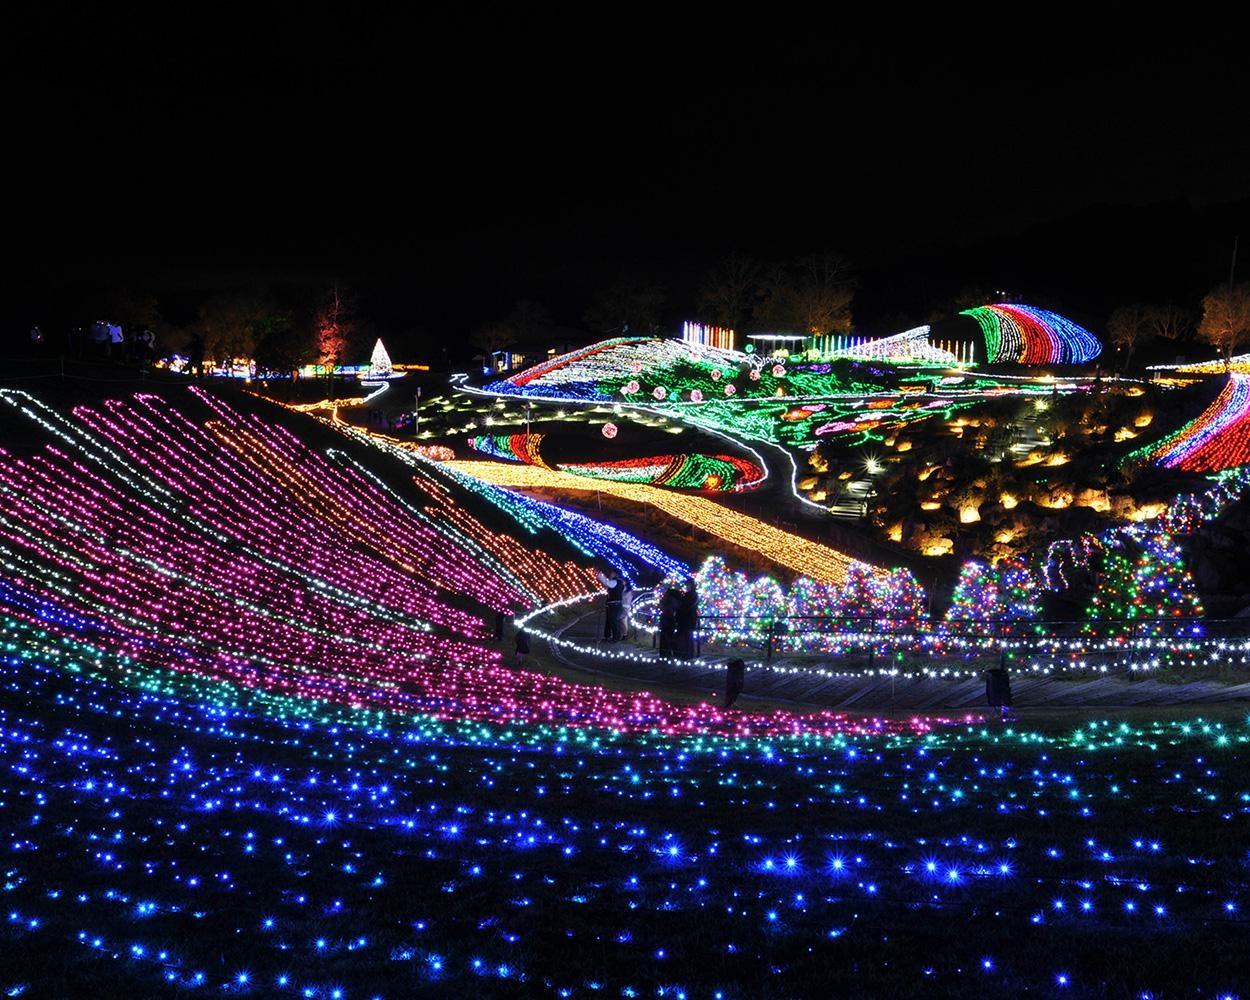 香川県の国営讃岐まんのう公園を彩るパノラマ・イルミネーション「ウィンターファンタジー」開催